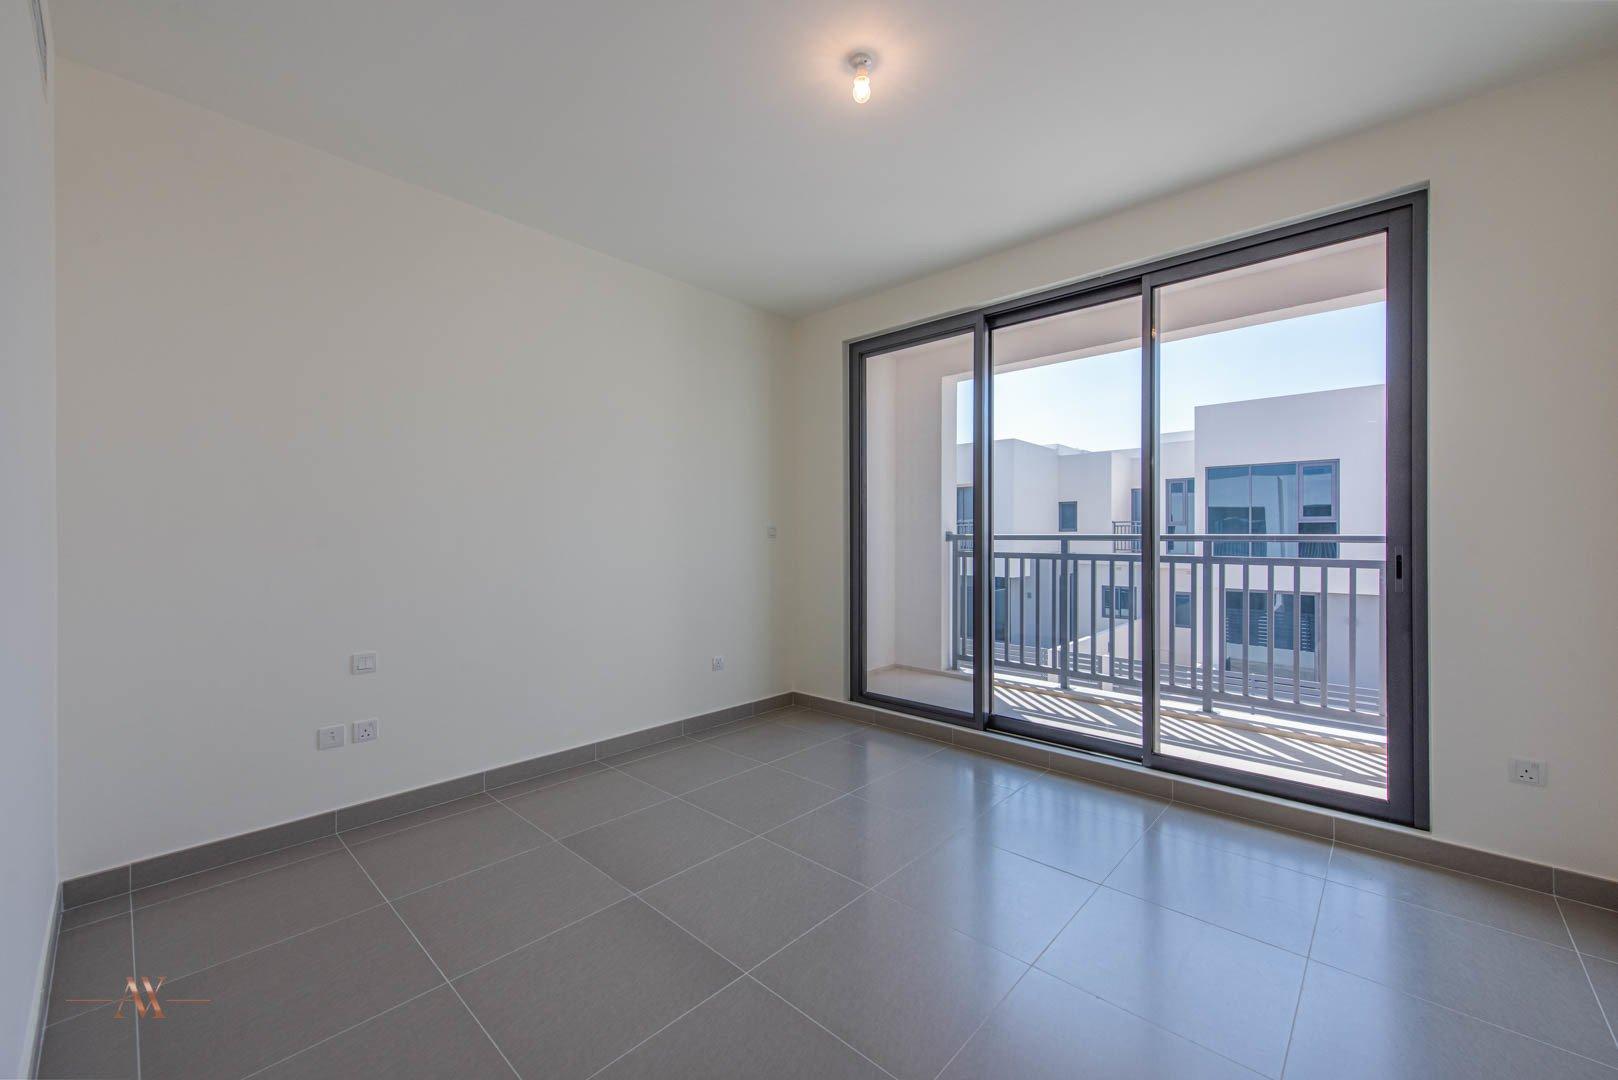 Villa for sale in Dubai, UAE, 3 bedrooms, 194.4 m2, No. 23635 – photo 11